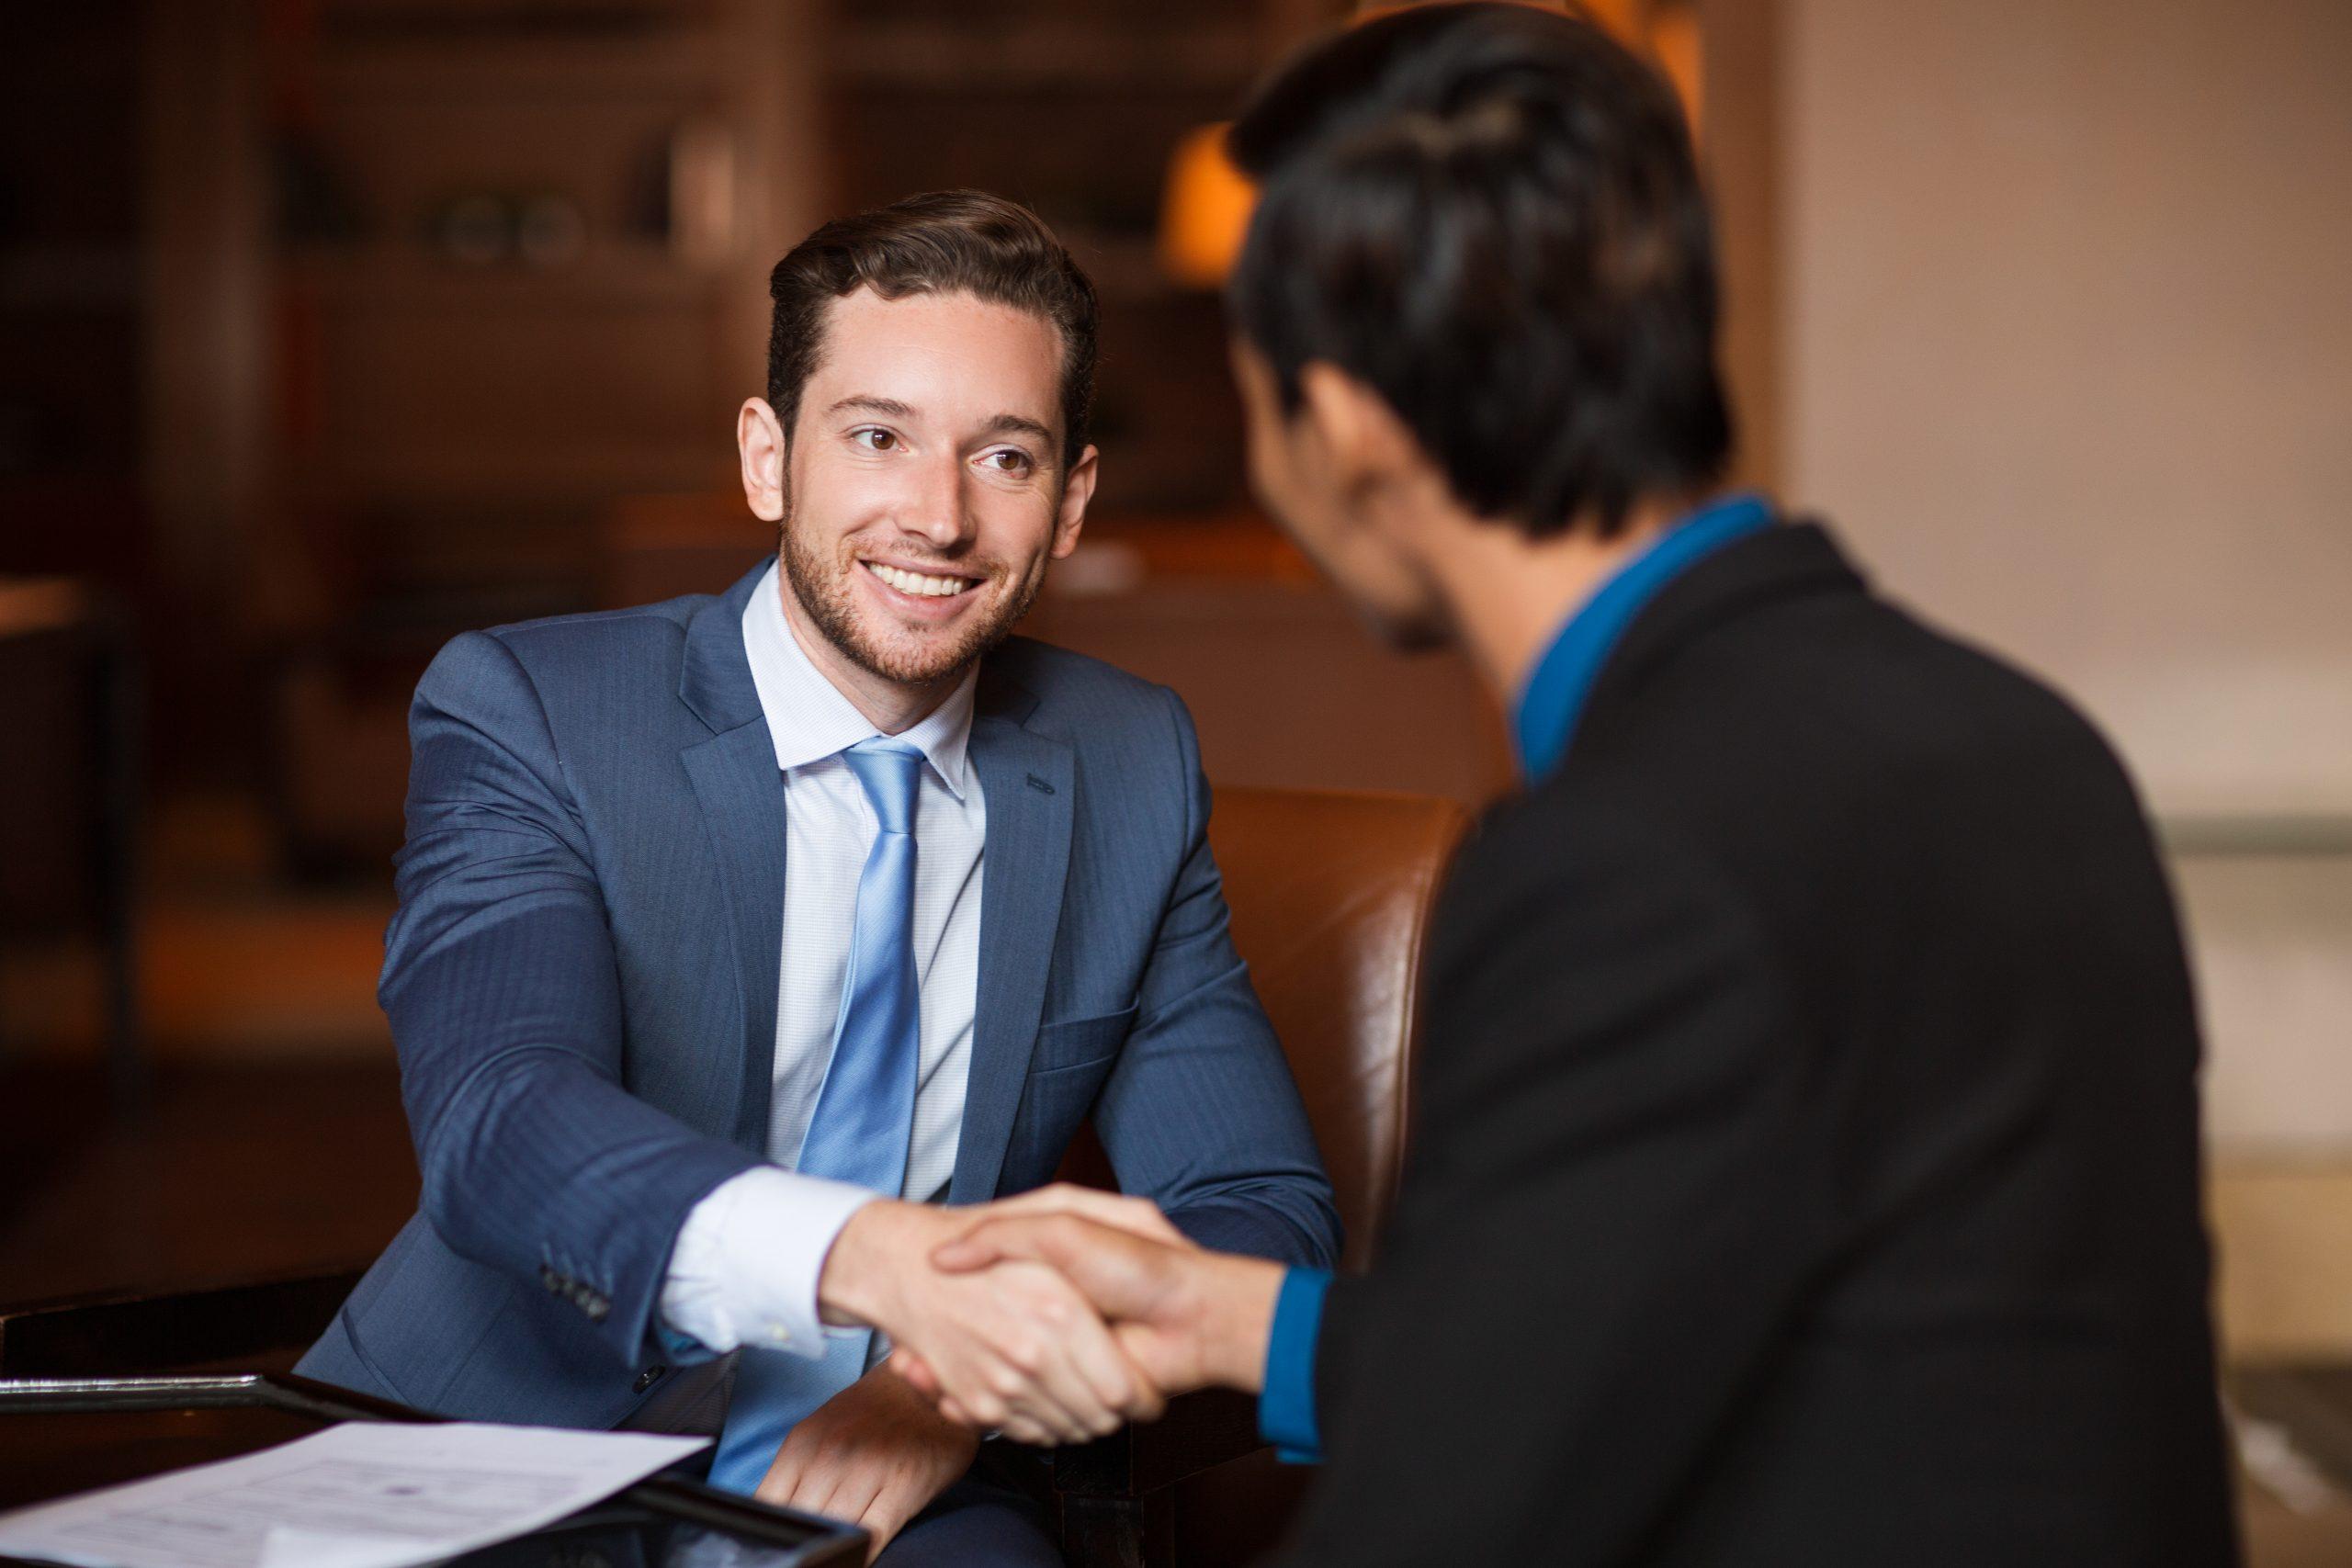 住友商事の募集職種や応募方法